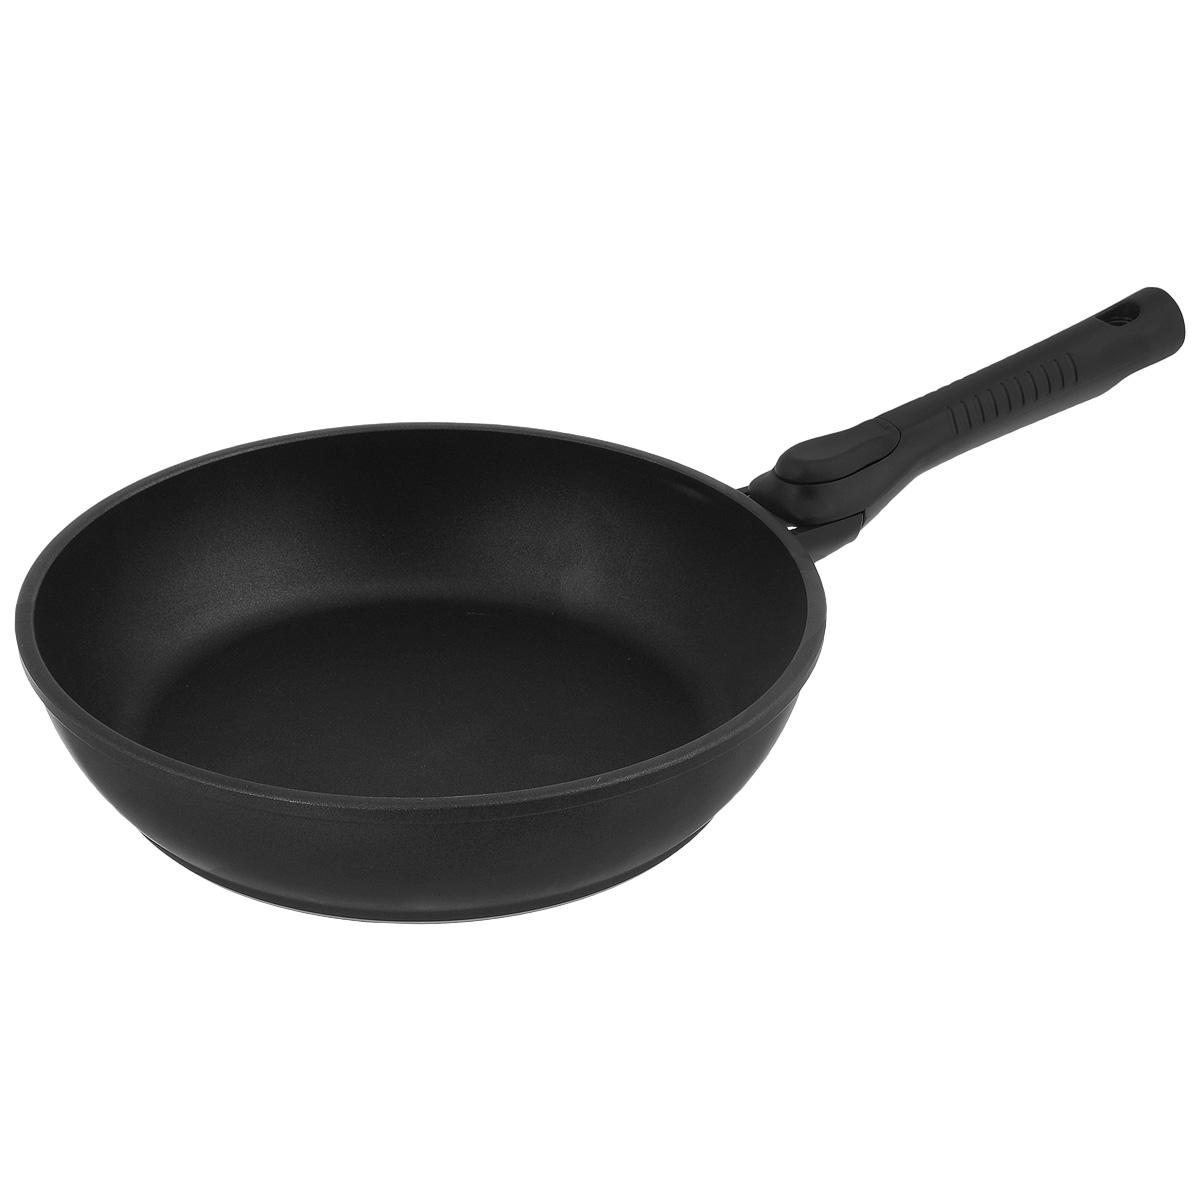 Сковорода литая Нева Металл Посуда Классическая, с антипригарным покрытием, со съемной ручкой, цвет: черный. Диаметр 26 см8026УСковорода НМП Классическая из литого алюминия, с 4-слойным полимер-керамическим антипригарным покрытием, многофункциональна и удобна в эксплуатации, в ней можно жарить, тушить и томить. Отлично подходит для приготовления гарниров и блюд с большим количеством ингредиентов. Эргономичная ручка - съемная, что позволяет использовать сковороду в духовом шкафу. Благодаря качественному антипригарному покрытию, вы можете готовить с минимальным количеством масла. Особенности посуды серии ТИТАН: - 4-слойная антипригарная полимер-керамическая система ТИТАН является эталоном износостойкости антипригарного покрытия, непревзойденного по сроку службы и длительности сохранения антипригарных свойств, благодаря особому составу, структуре и толщине - в состав системы ТИТАН входят антипригарные слои на водной основе - система ТИТАН традиционно производится без использования PFOA /перфтороктановой кислоты/ - равномерно нагревается за счет особой конструкции корпуса по принципу золотого сечения, толстых стенок и еще более толстого дна - приготовленная еда получается особенно вкусной благодаря специфическим термоаккумулирующим свойствам литого алюминия - подходит для газовых, электрических и стеклокерамических плит. Посуду можно мыть в посудомоечной машине- корпус практически не подвержен деформации даже при сильном нагреве - изделия проходят тесты по условному циклу приготовления: нагрев до 220°С, охлаждение, истирание губкой с 5%-раствором моющего средства. Сковороды с покрытием ТИТАН выдерживают более 4000 таких циклов.Диаметр: 26 см.Высота стенки: 6 см. Толщина стенки: 4,5 мм.Толщина дна: 6,5 мм.Длина ручки: 20 см.